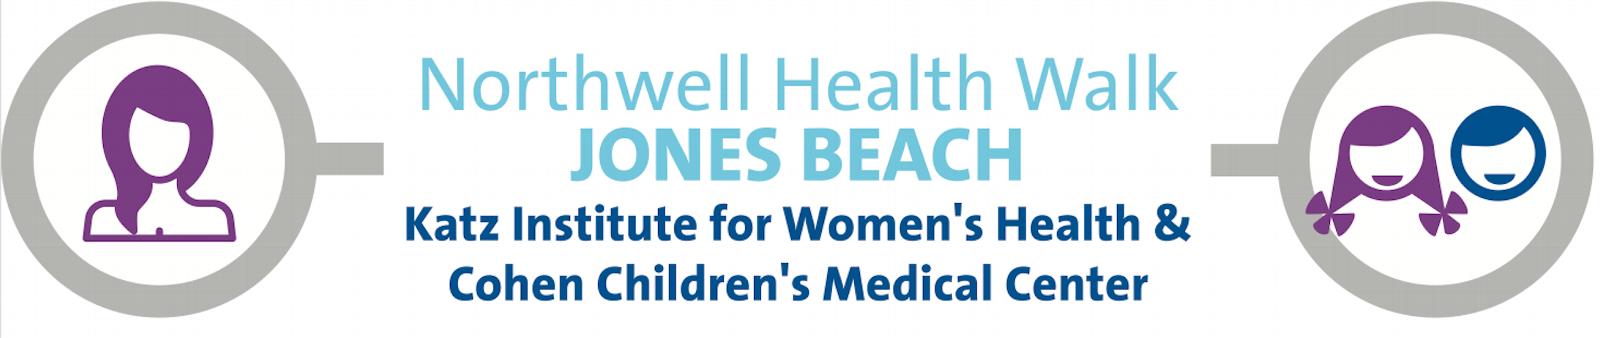 Northwell Health Walk at Jones Beach